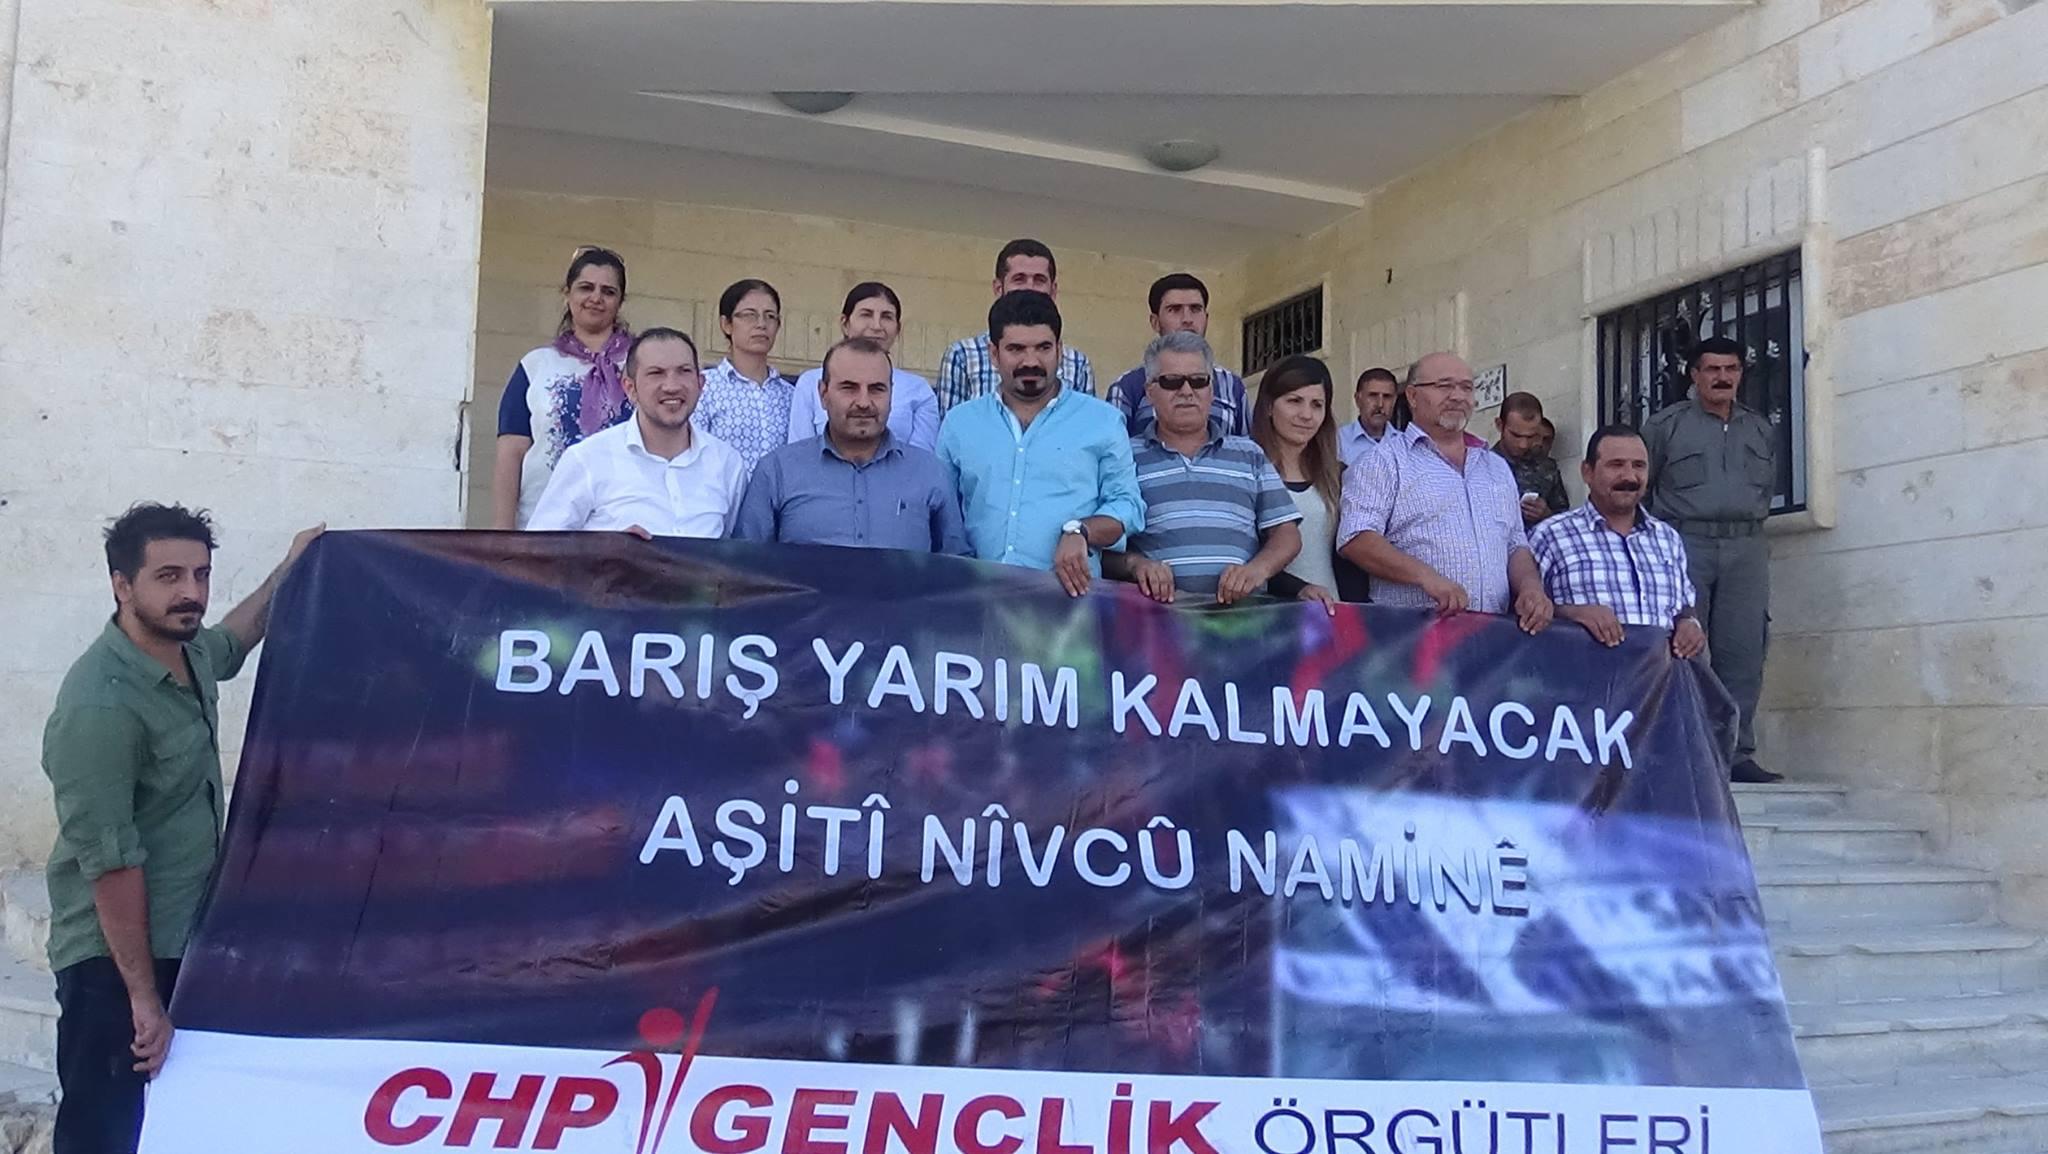 عاجل: صفعة اخرى لآردوغان وفد حزب الشعب الجمهوري CHP التركي يزور  كوباني اليوم الجمعة و يلتقي أنور مسلم